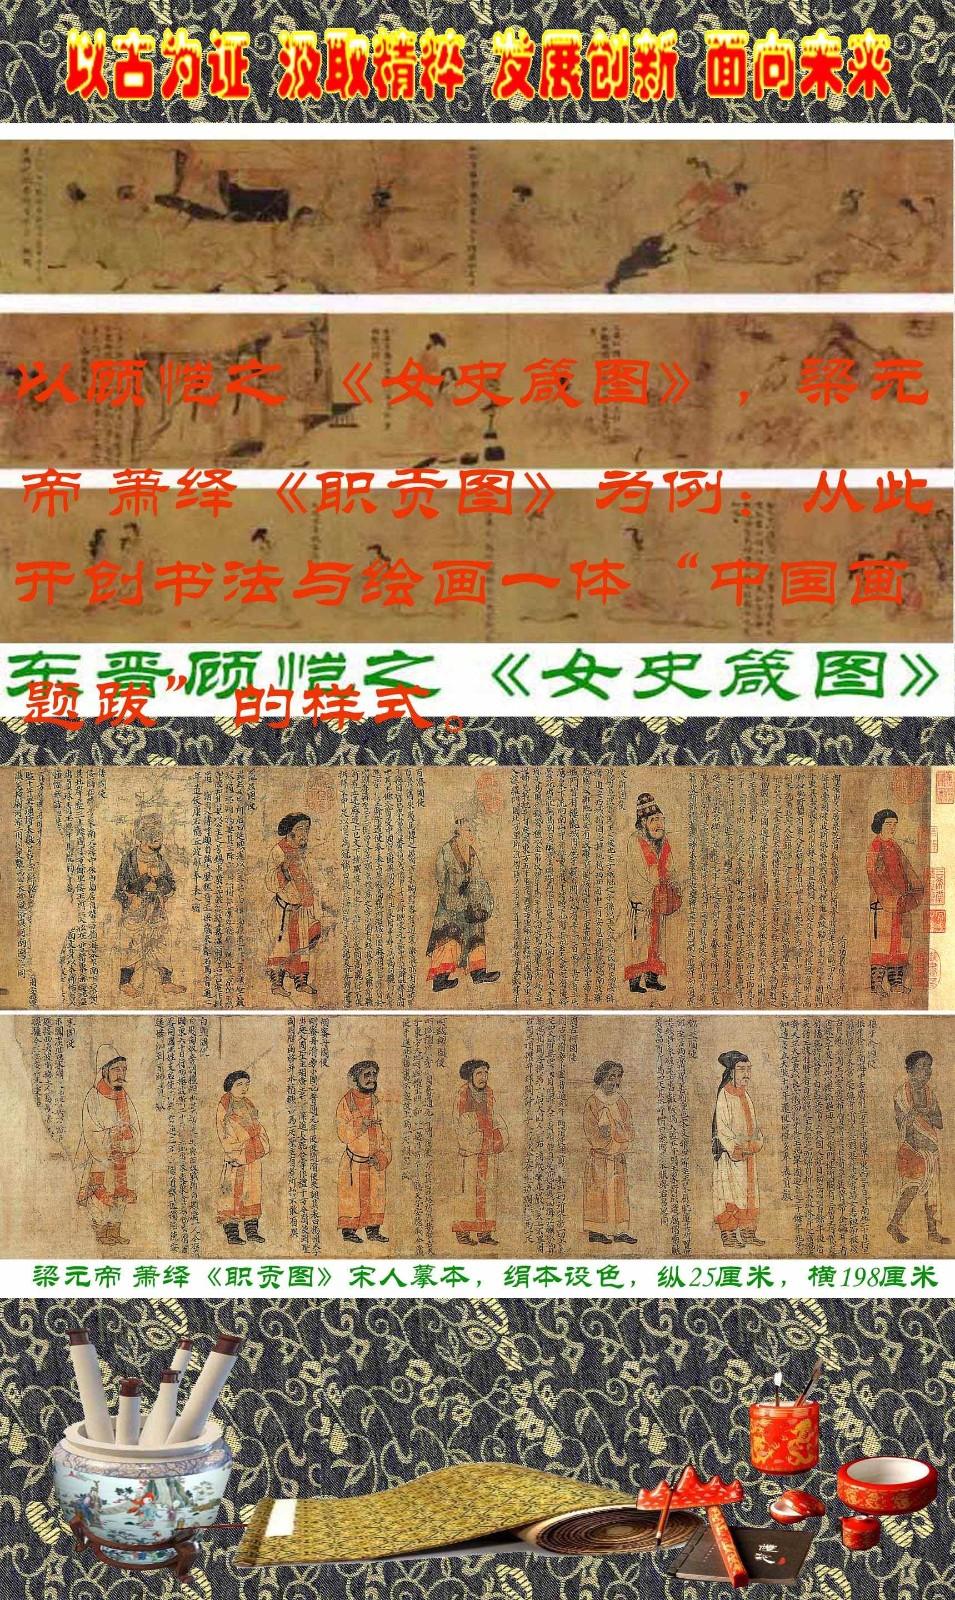 """""""顾绍骅的诗情画意""""《百家号》带你领略中国画史_图1-2"""